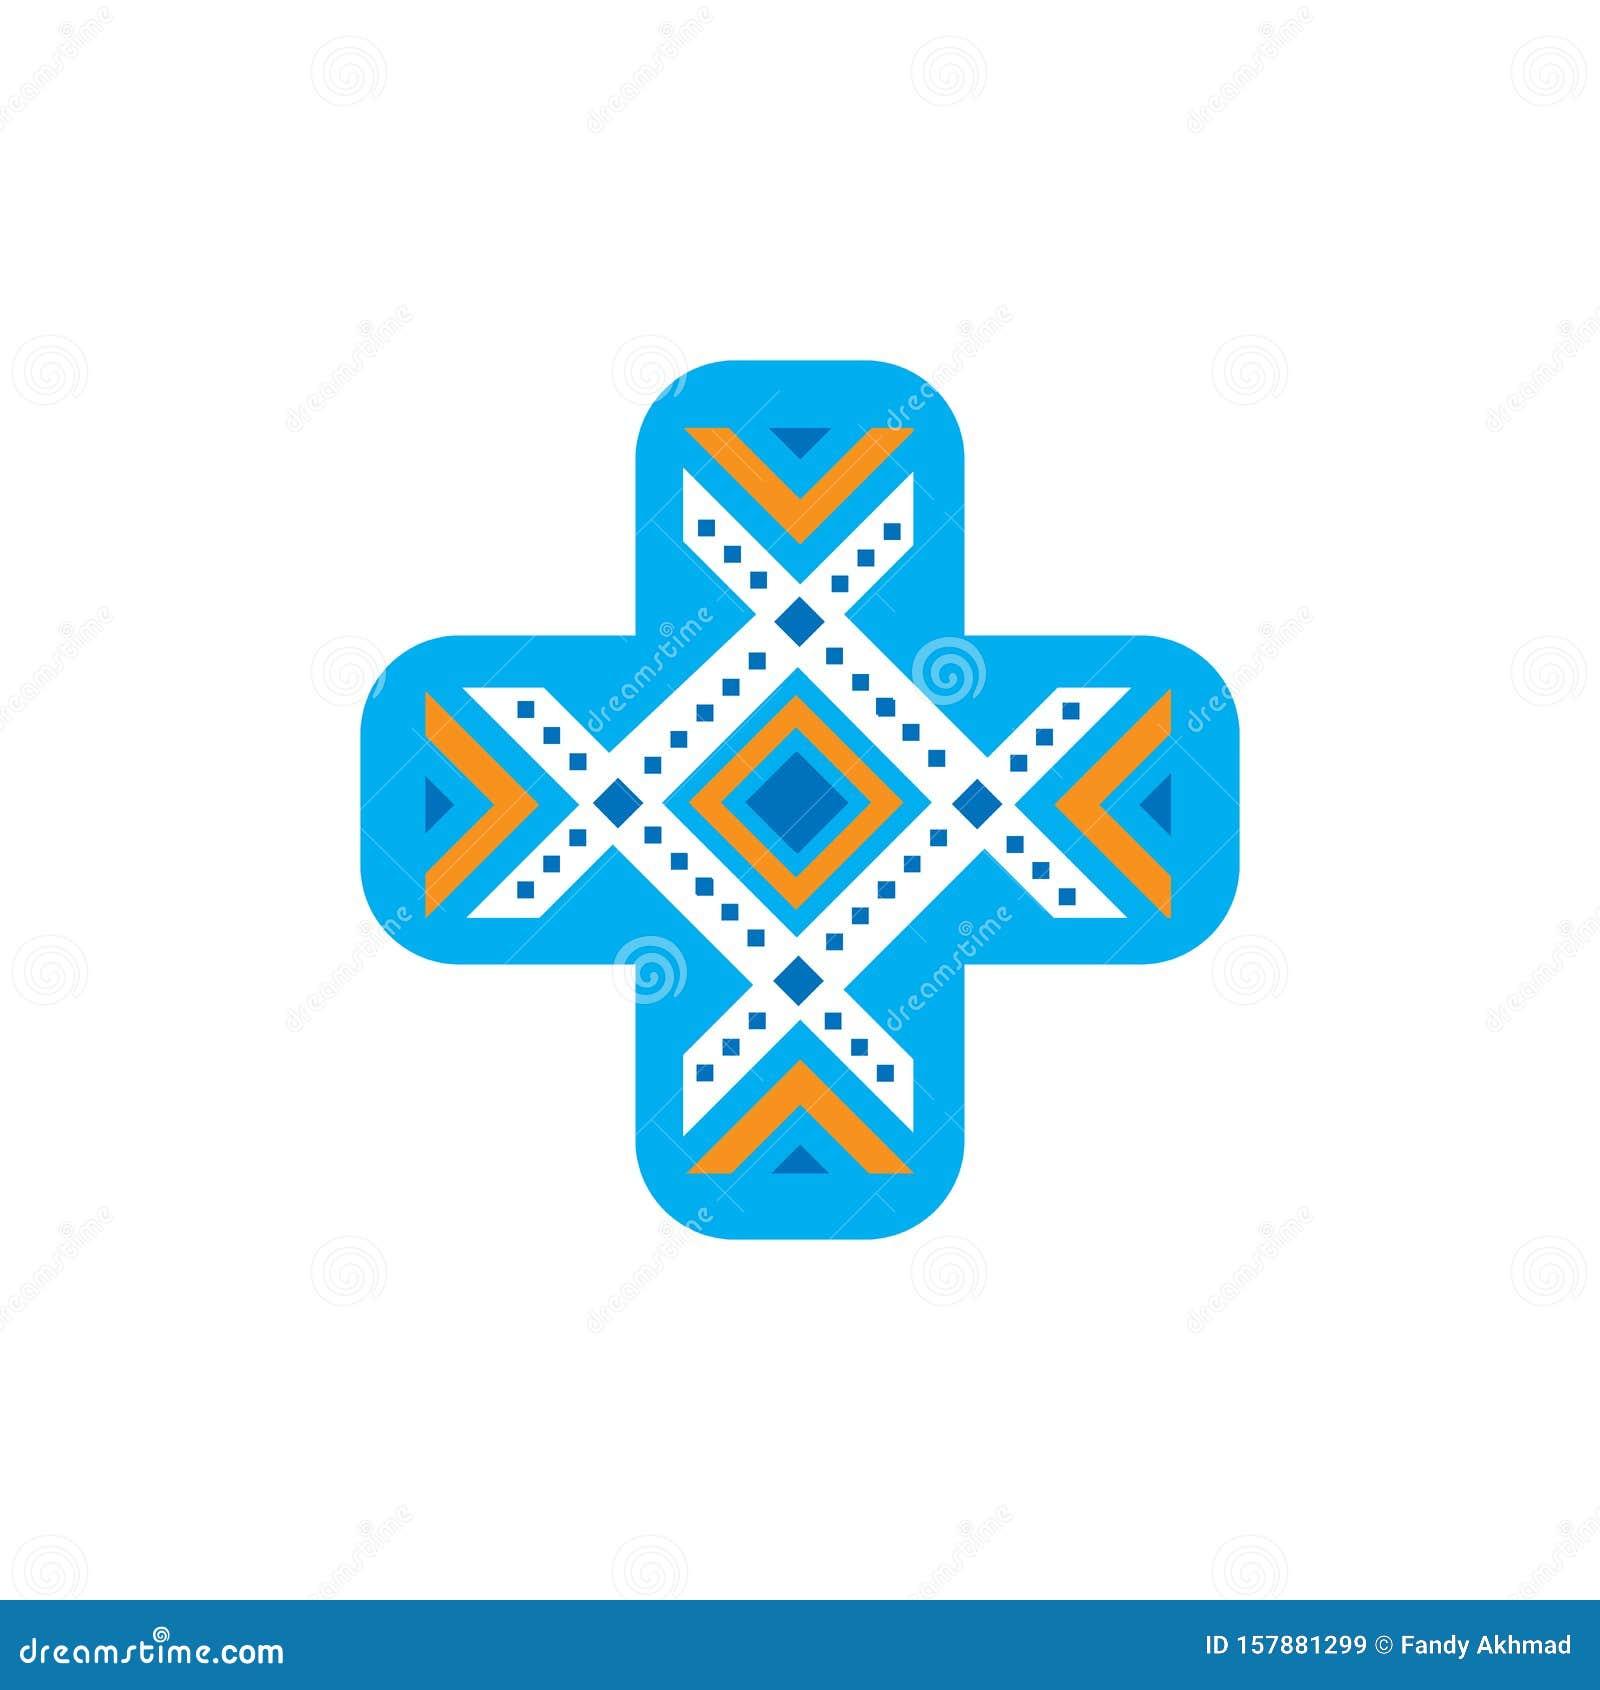 Creative Health Care Medical Logo Design Logo Vector